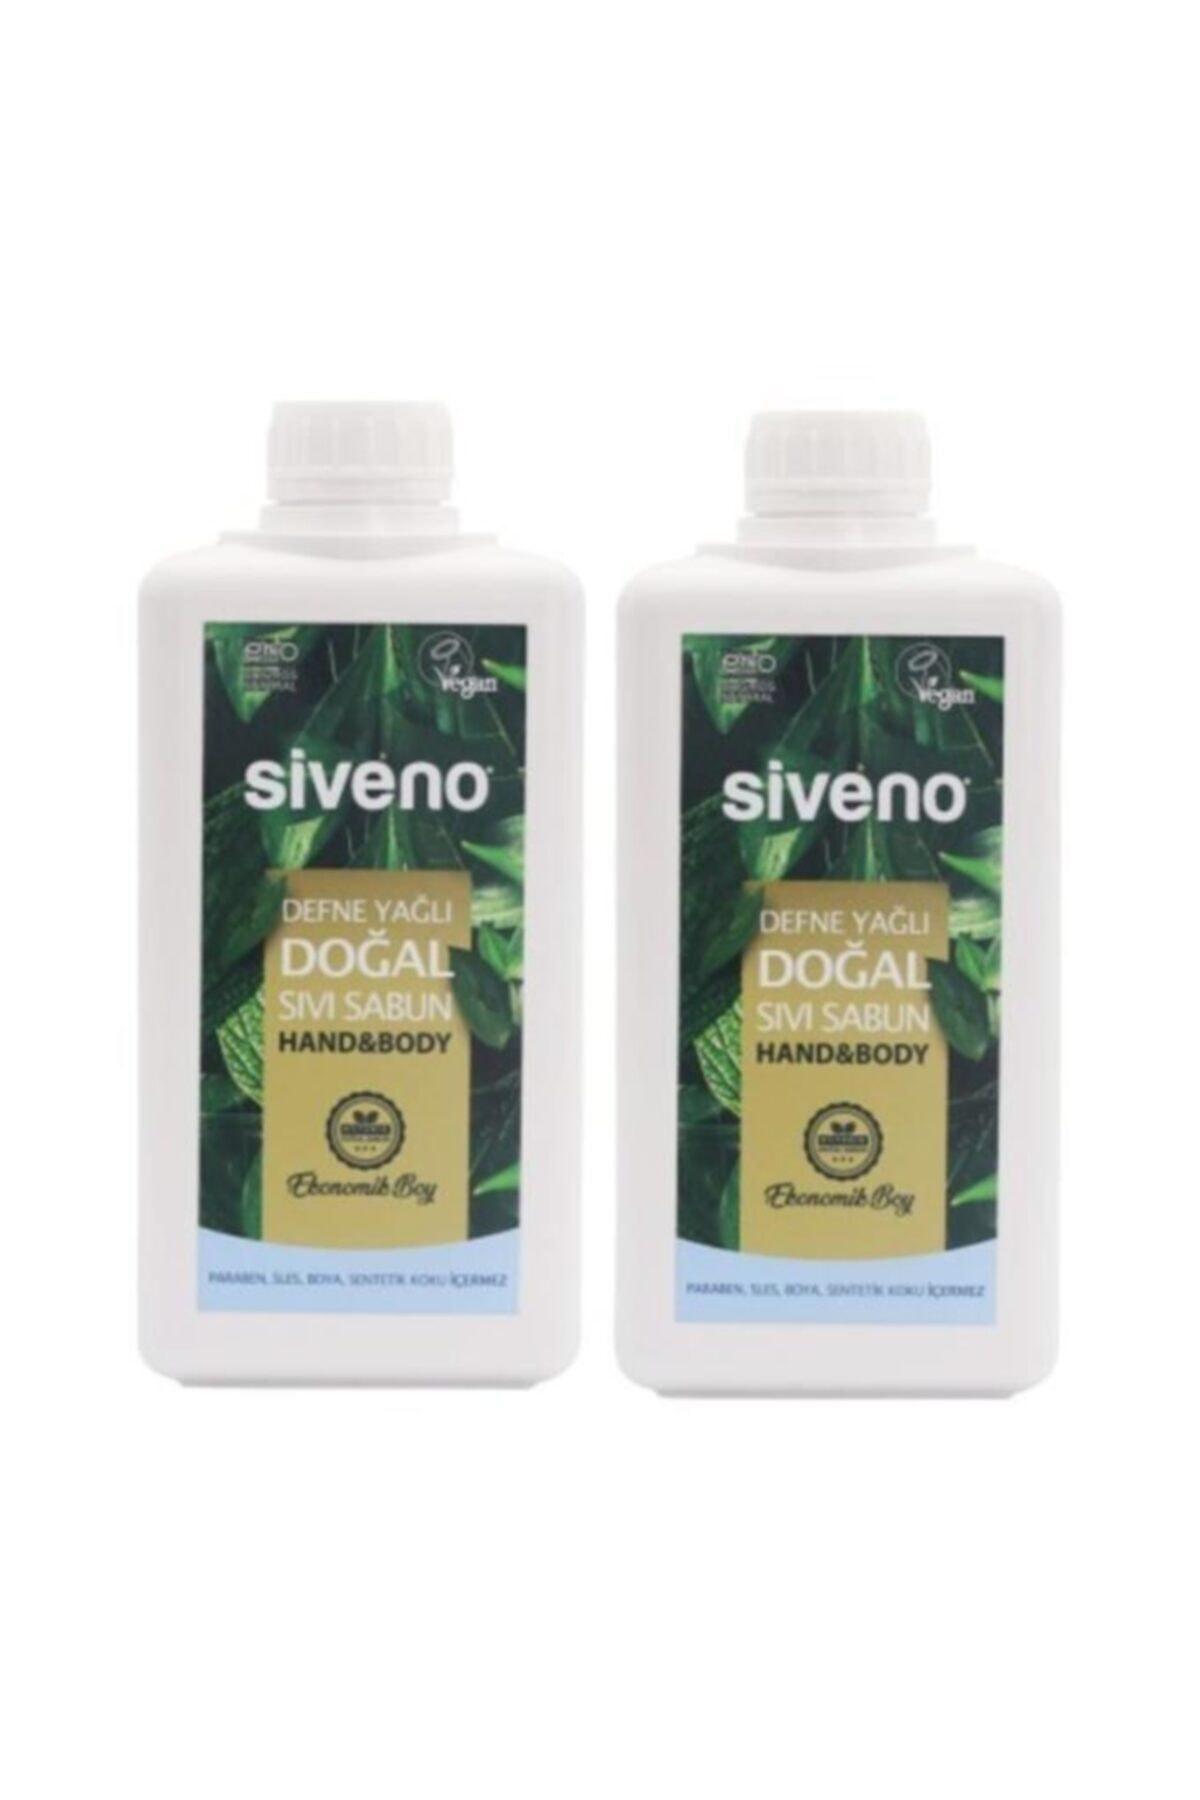 Siveno Defne Yağlı Doğal Sıvı Sabun 2x1 Lt 1